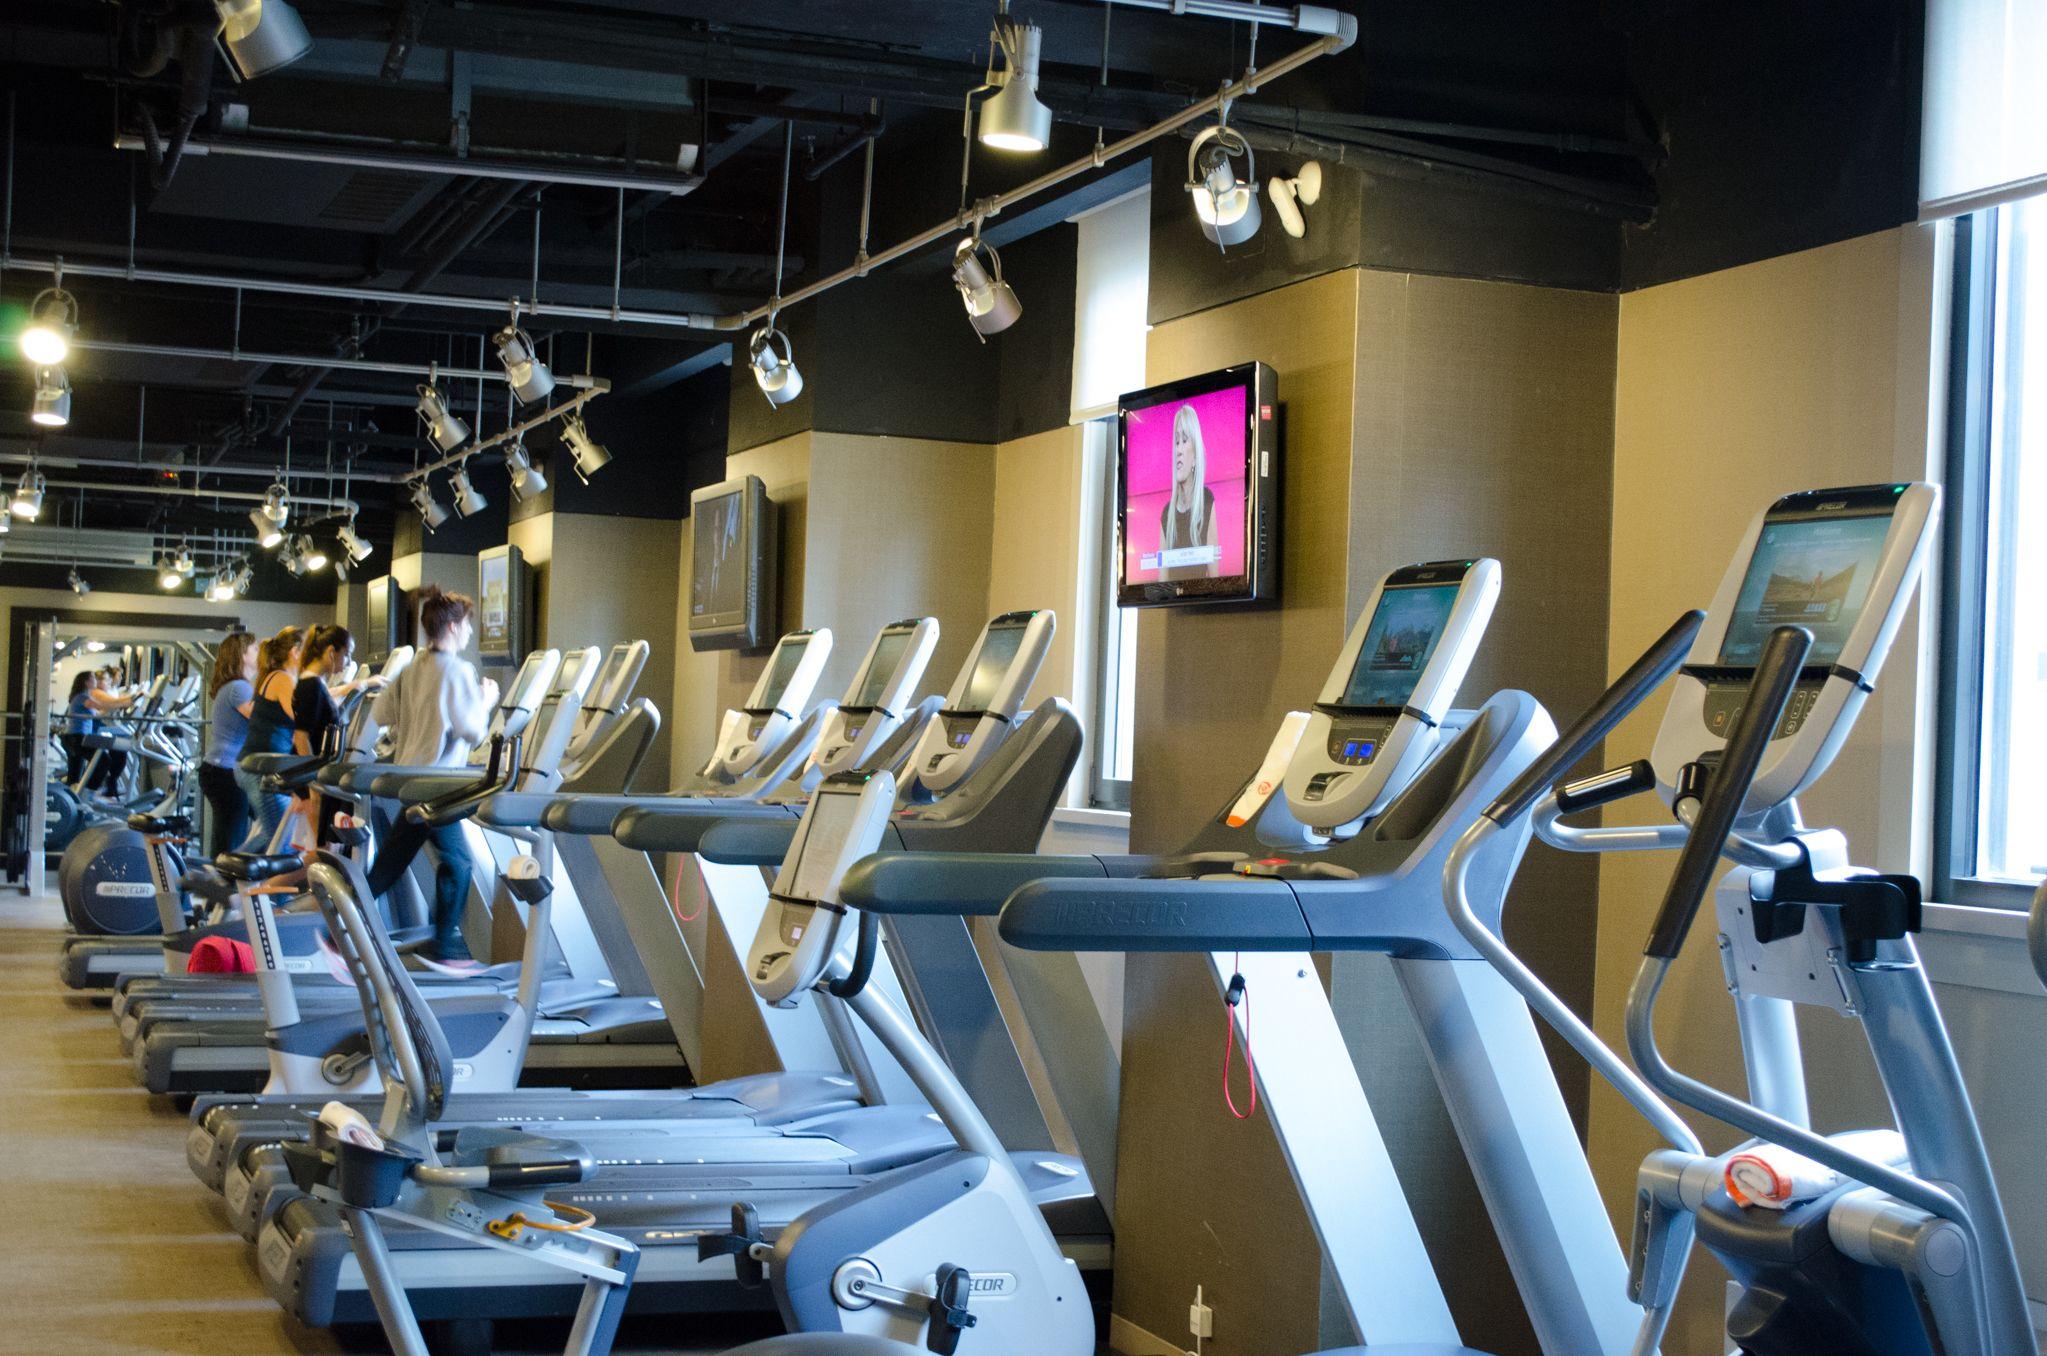 Treadmills Grand Hyatt Luxury Hotel Hyatt